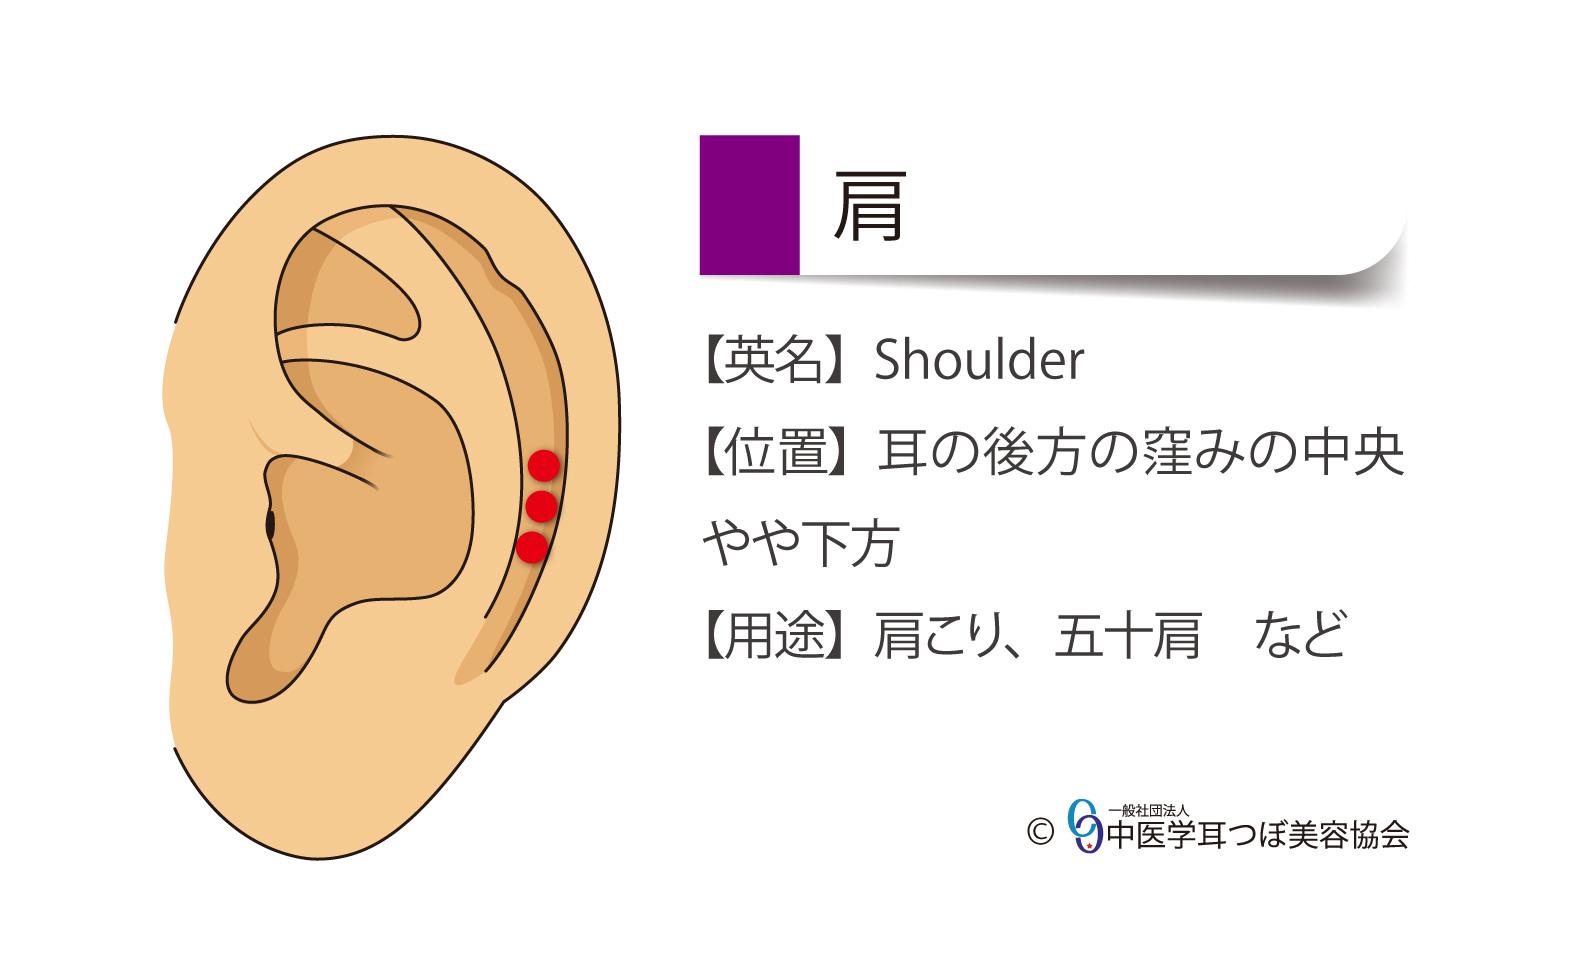 肩の耳つぼの位置